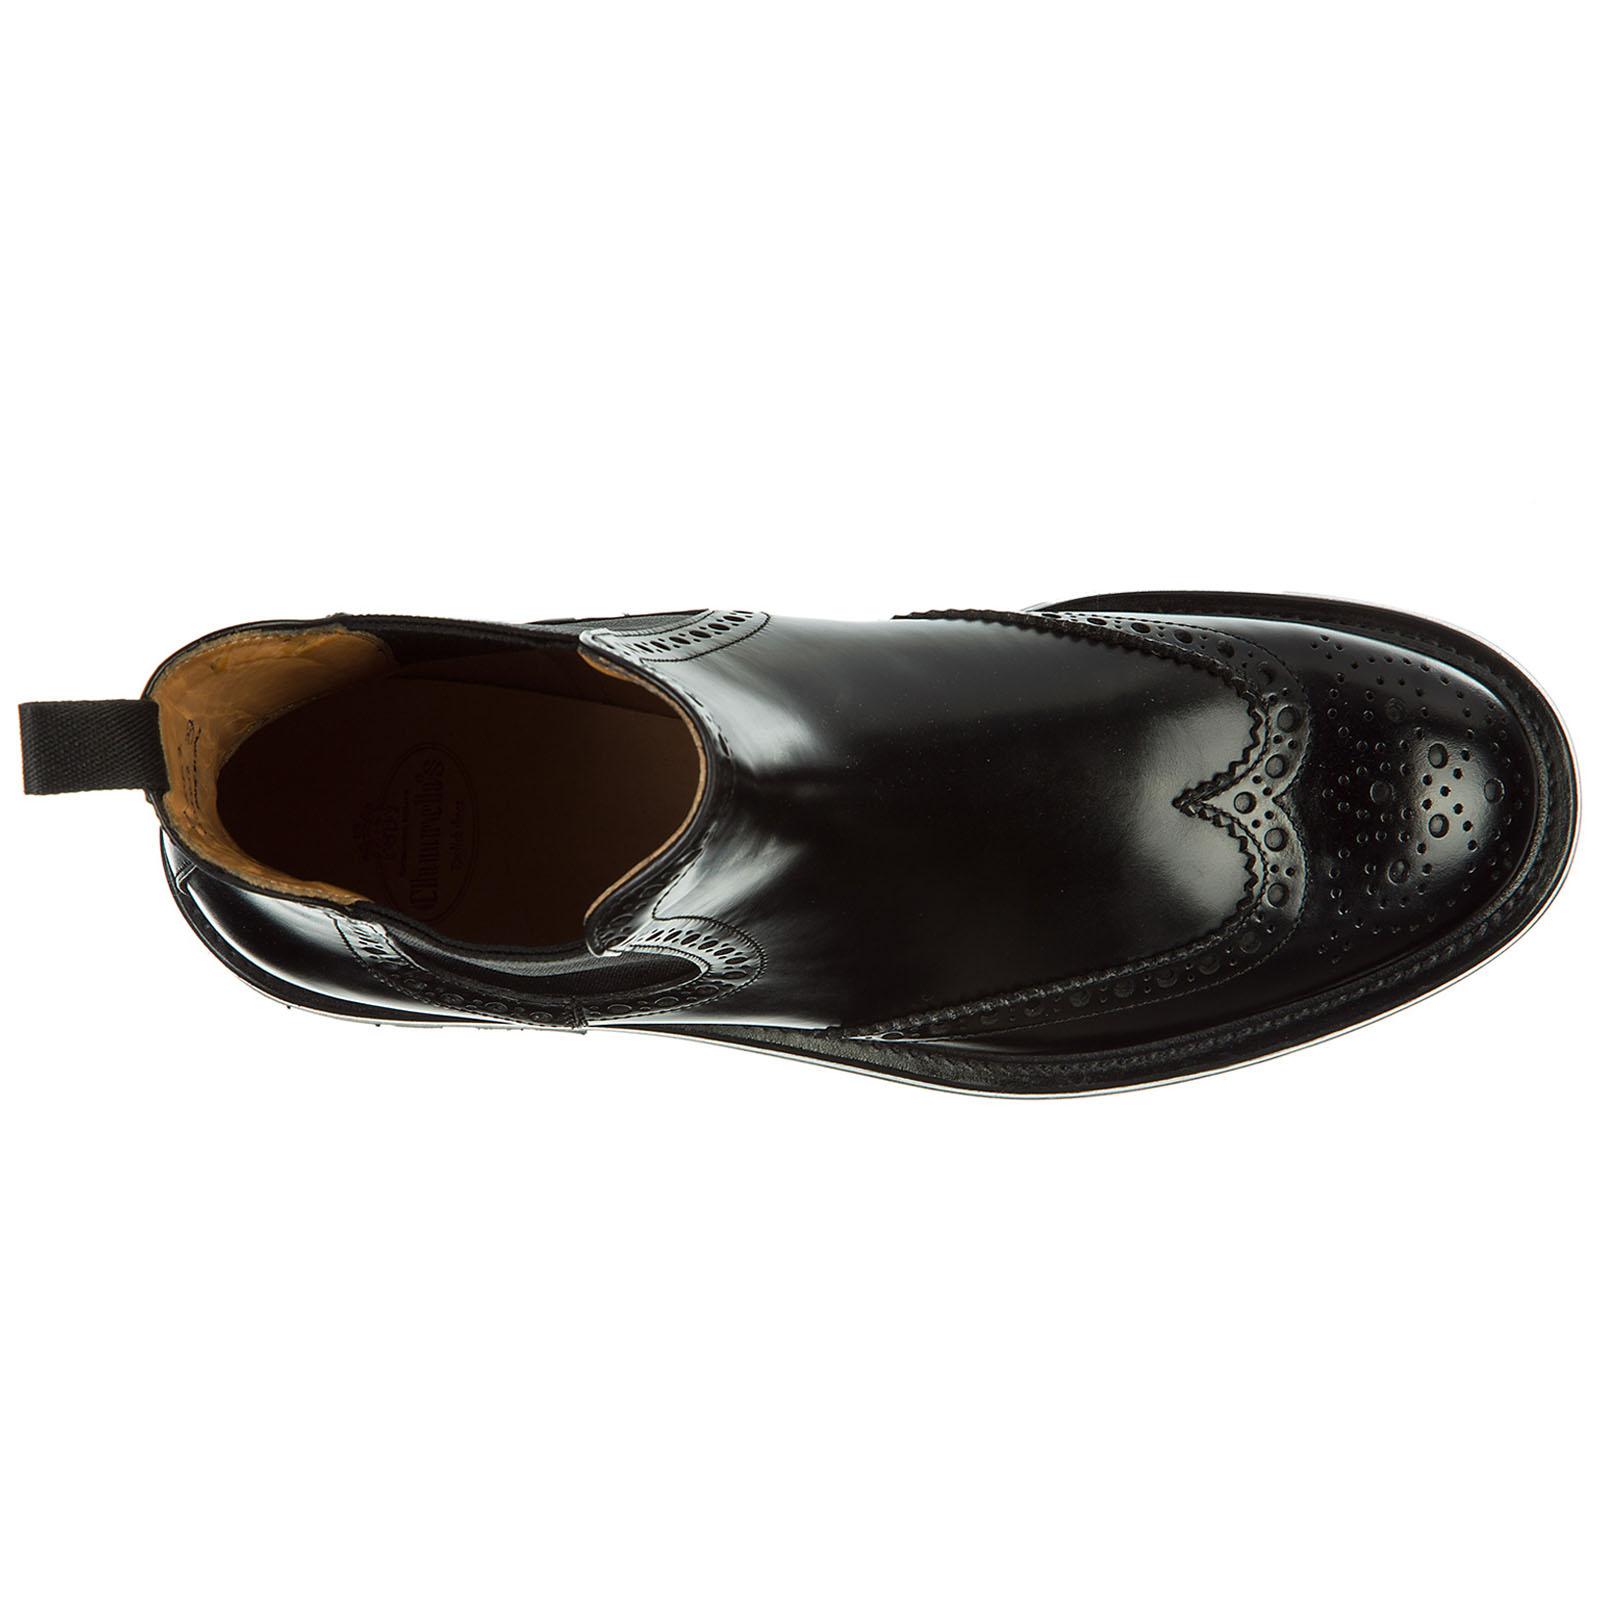 Botines botas en piel mujer